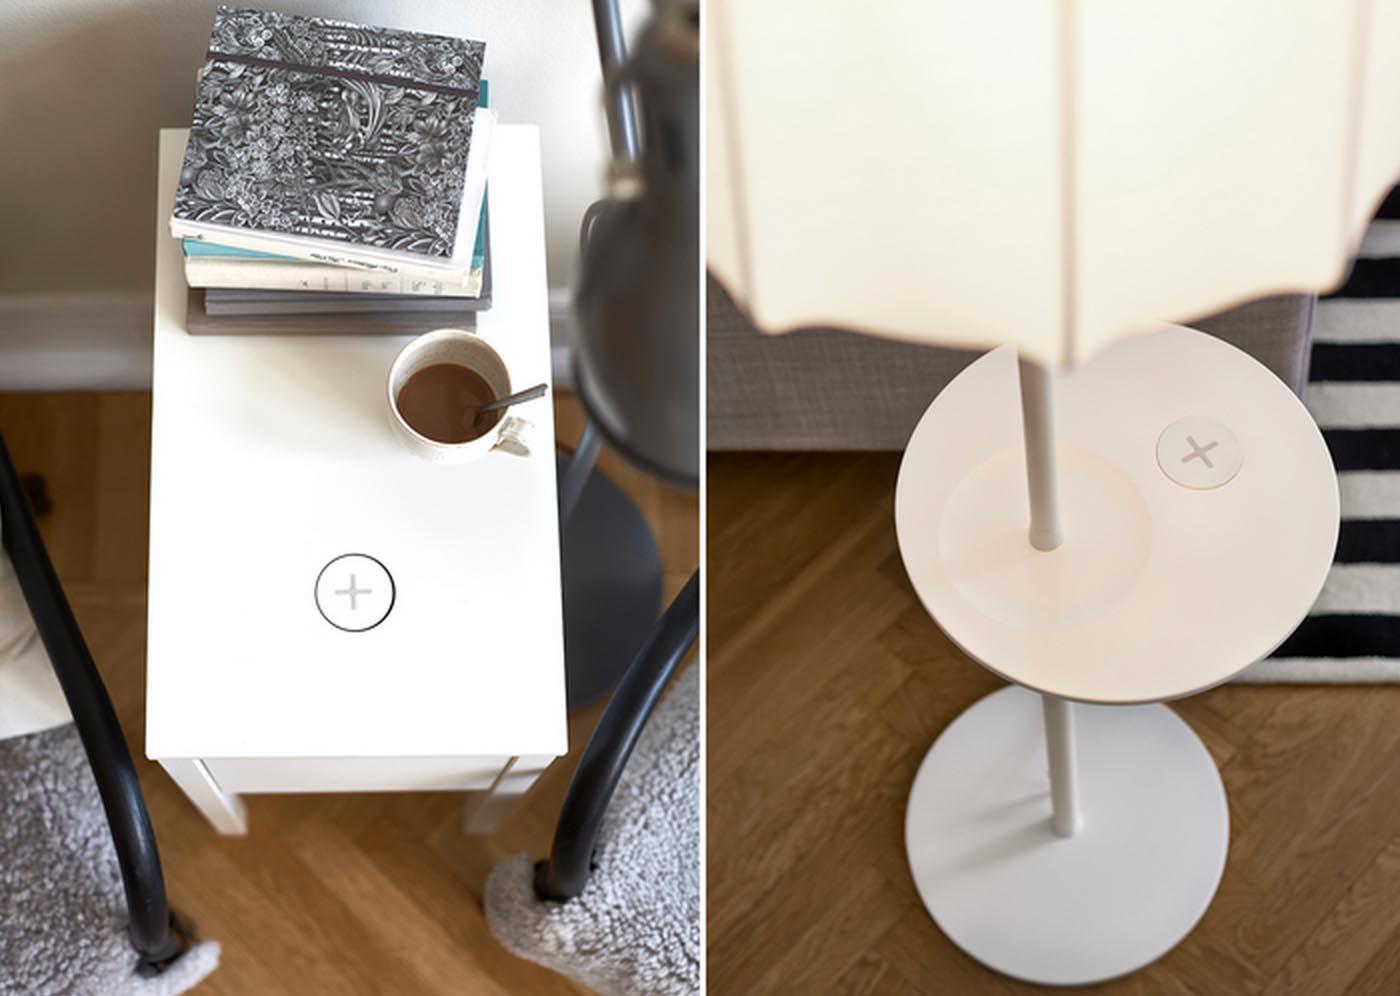 consomac induction la norme qi pour l 39 iphone. Black Bedroom Furniture Sets. Home Design Ideas